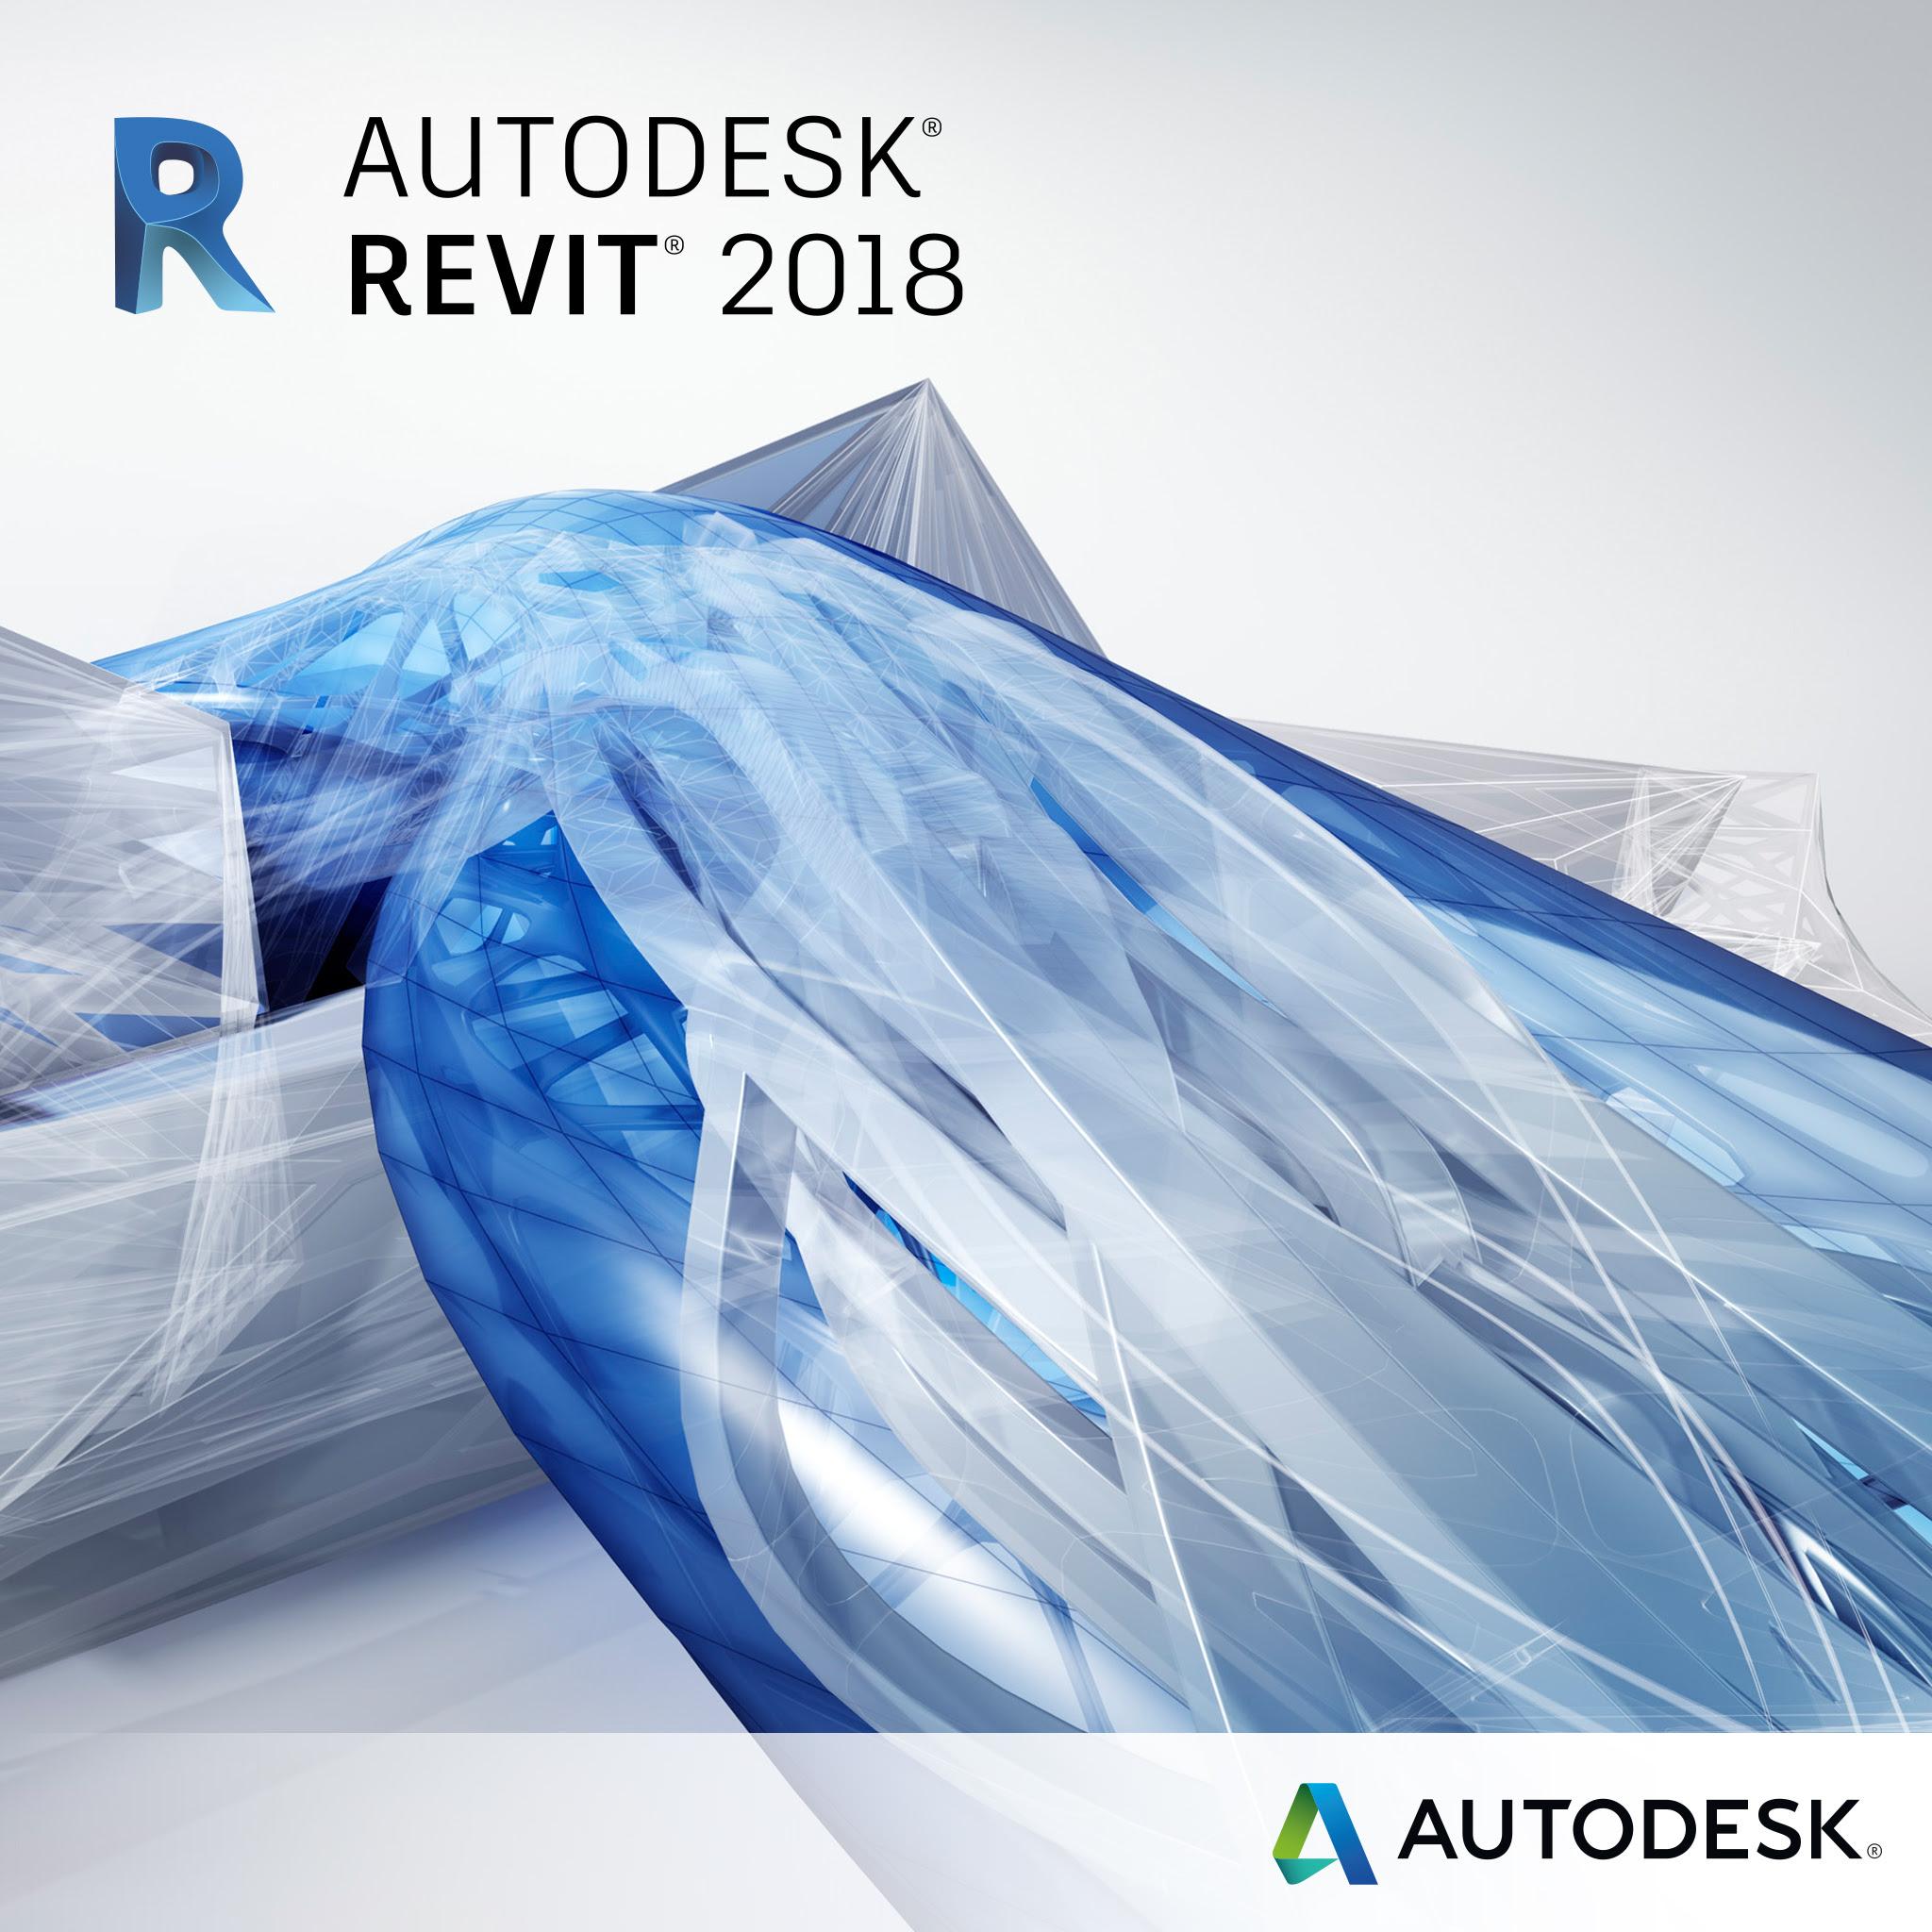 Baixar – Autodesk Revit 2018 – Arq e Estrutural Avançado com Fundações (2018)